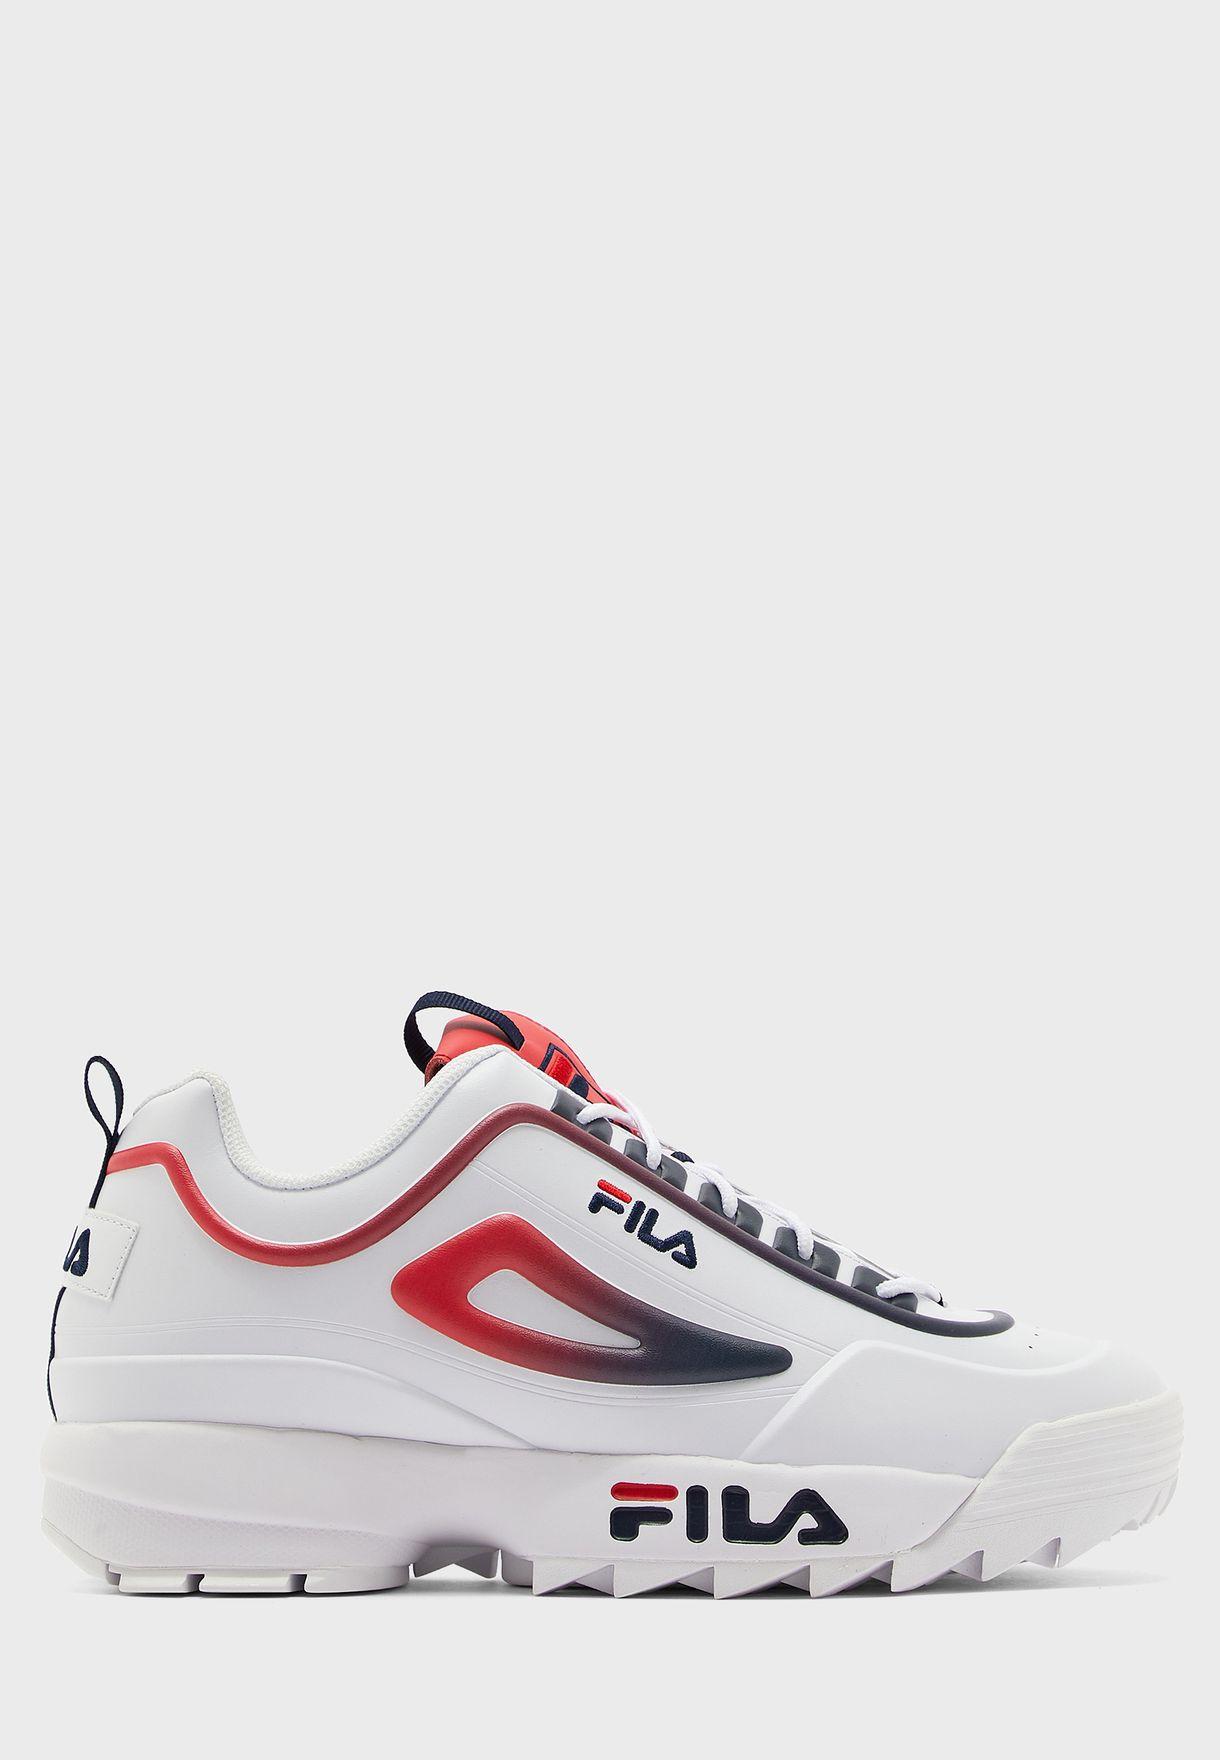 حذاء ديسربتر 11 فيوتشر سكين